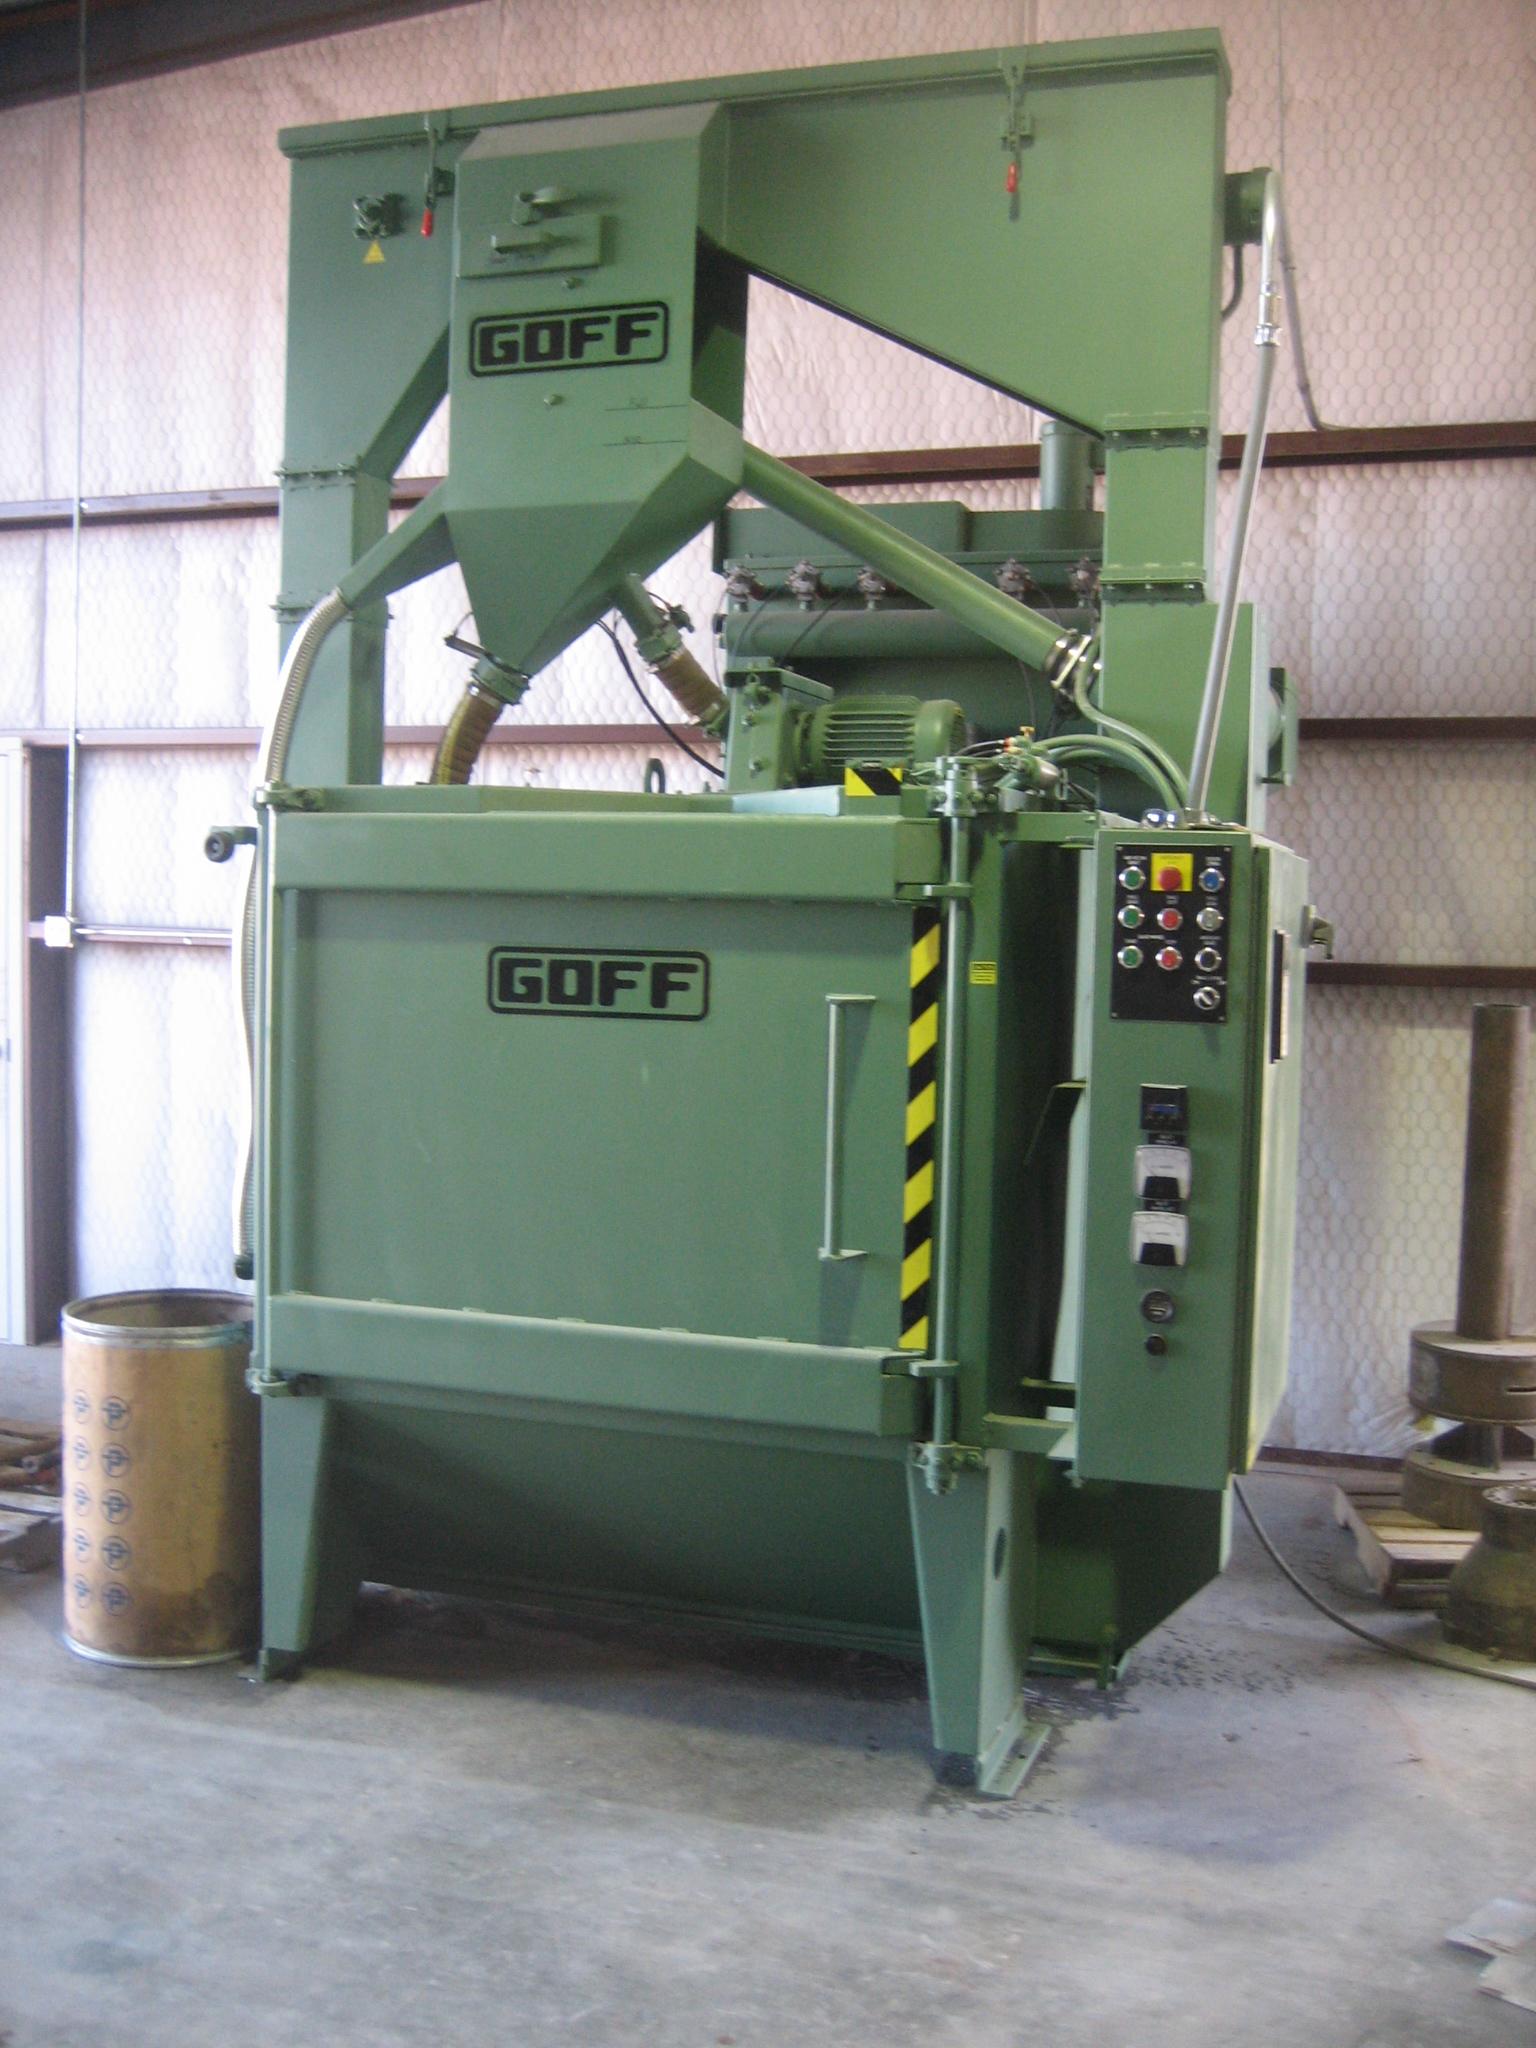 Arrow Industrial Equipment image 0